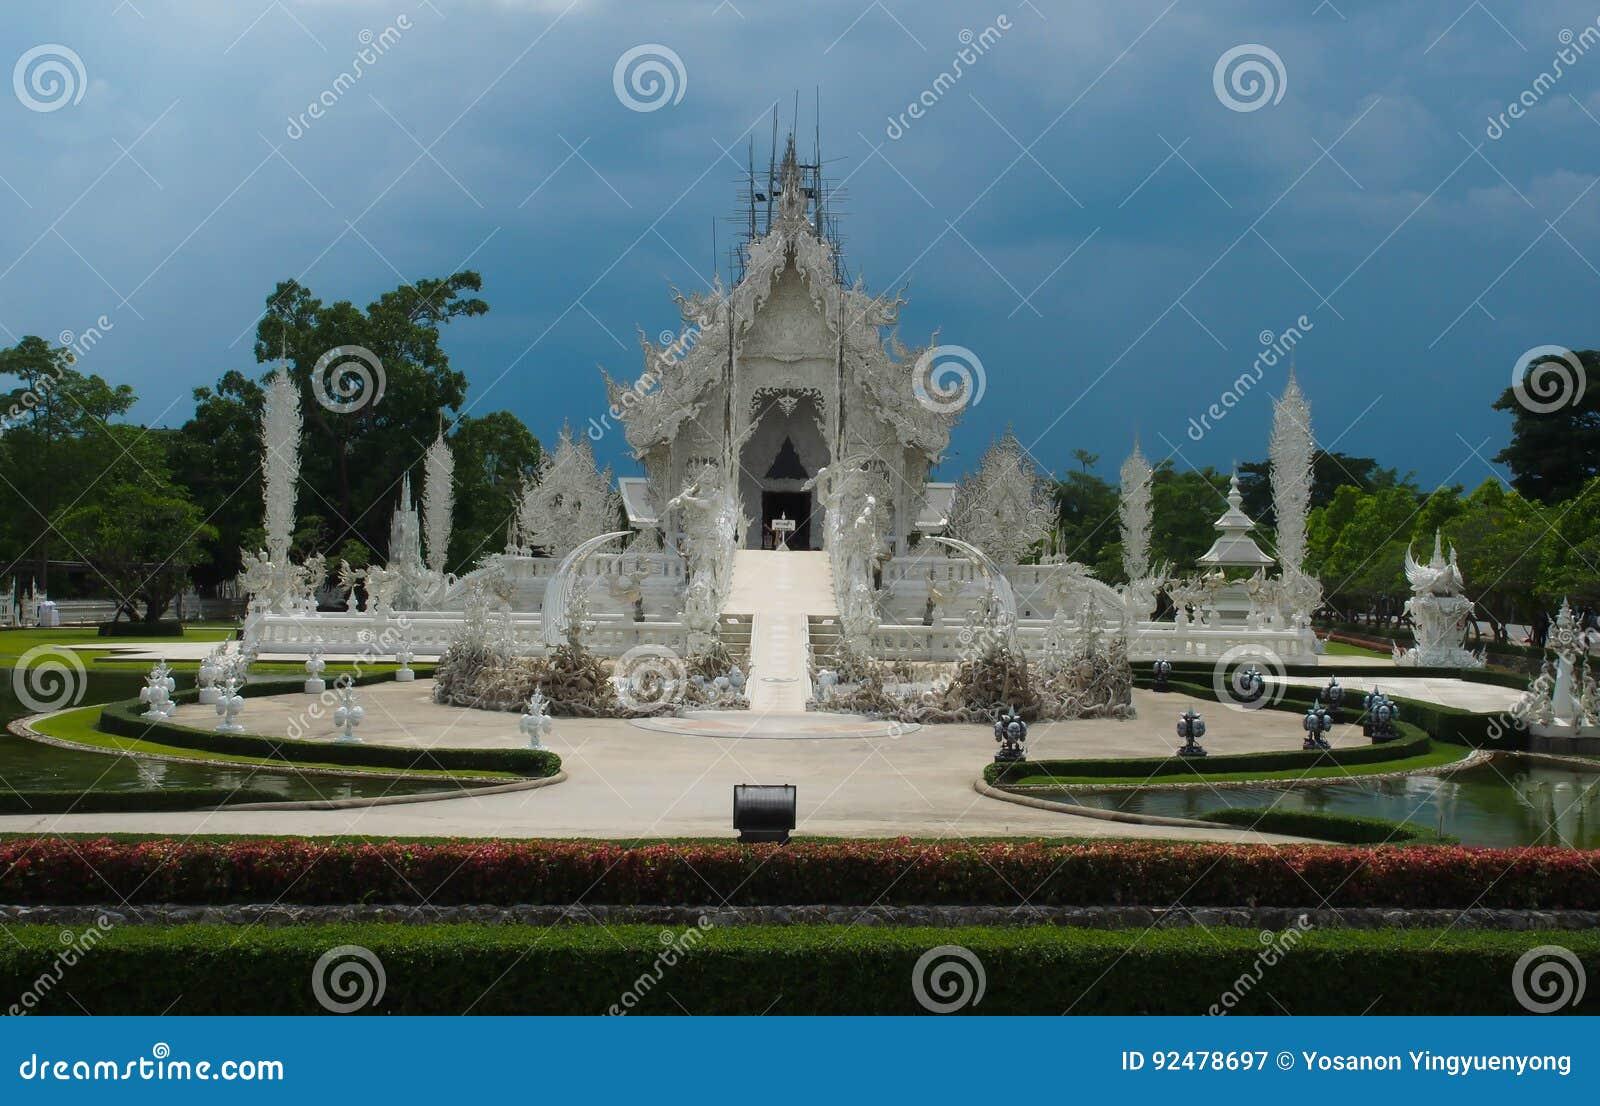 Der berühmte thailändische Tempel in Chaingrai, Rong Khun